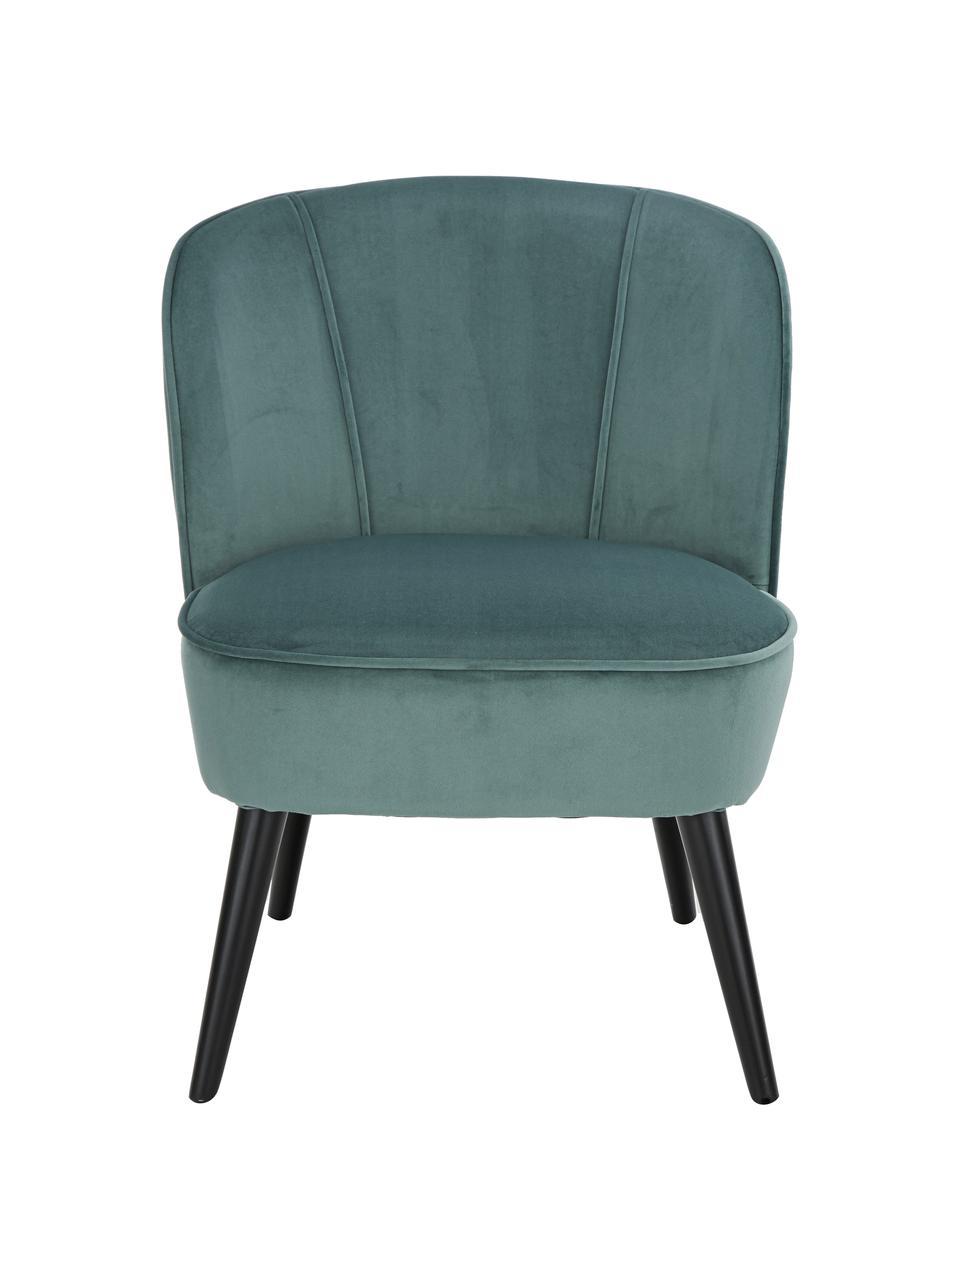 Fotel koktajlowy z aksamitu Lucky, Tapicerka: aksamit (poliester) Dzięk, Nogi: drewno kauczukowe, lakier, Aksamitny niebieskozielony, S 59 x G 68 cm